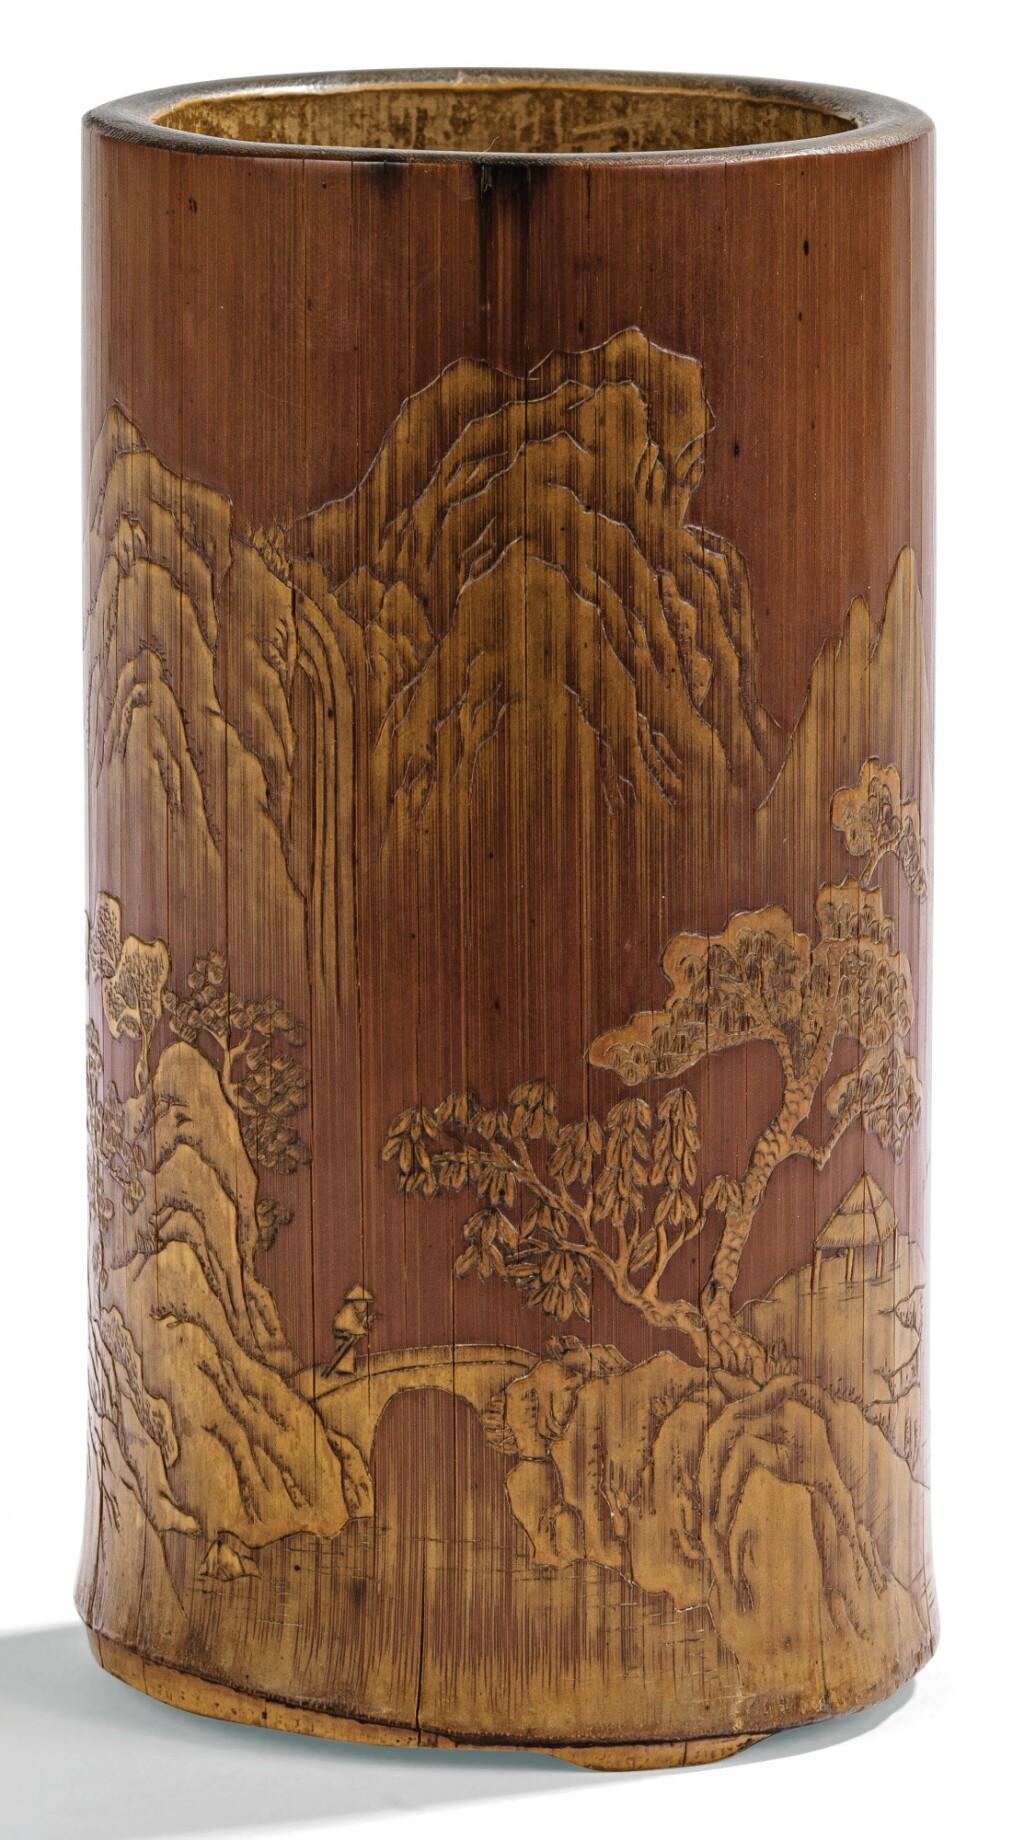 POT À PINCEAUX EN BAMBOU SCULPTÉ  FIN DE LA DYNASTIE QING | 清晚期 竹雕留青《清泉留香》圖筆筒「張文右」款 |  A bamboo carved brushpot, late Qing Dynasty